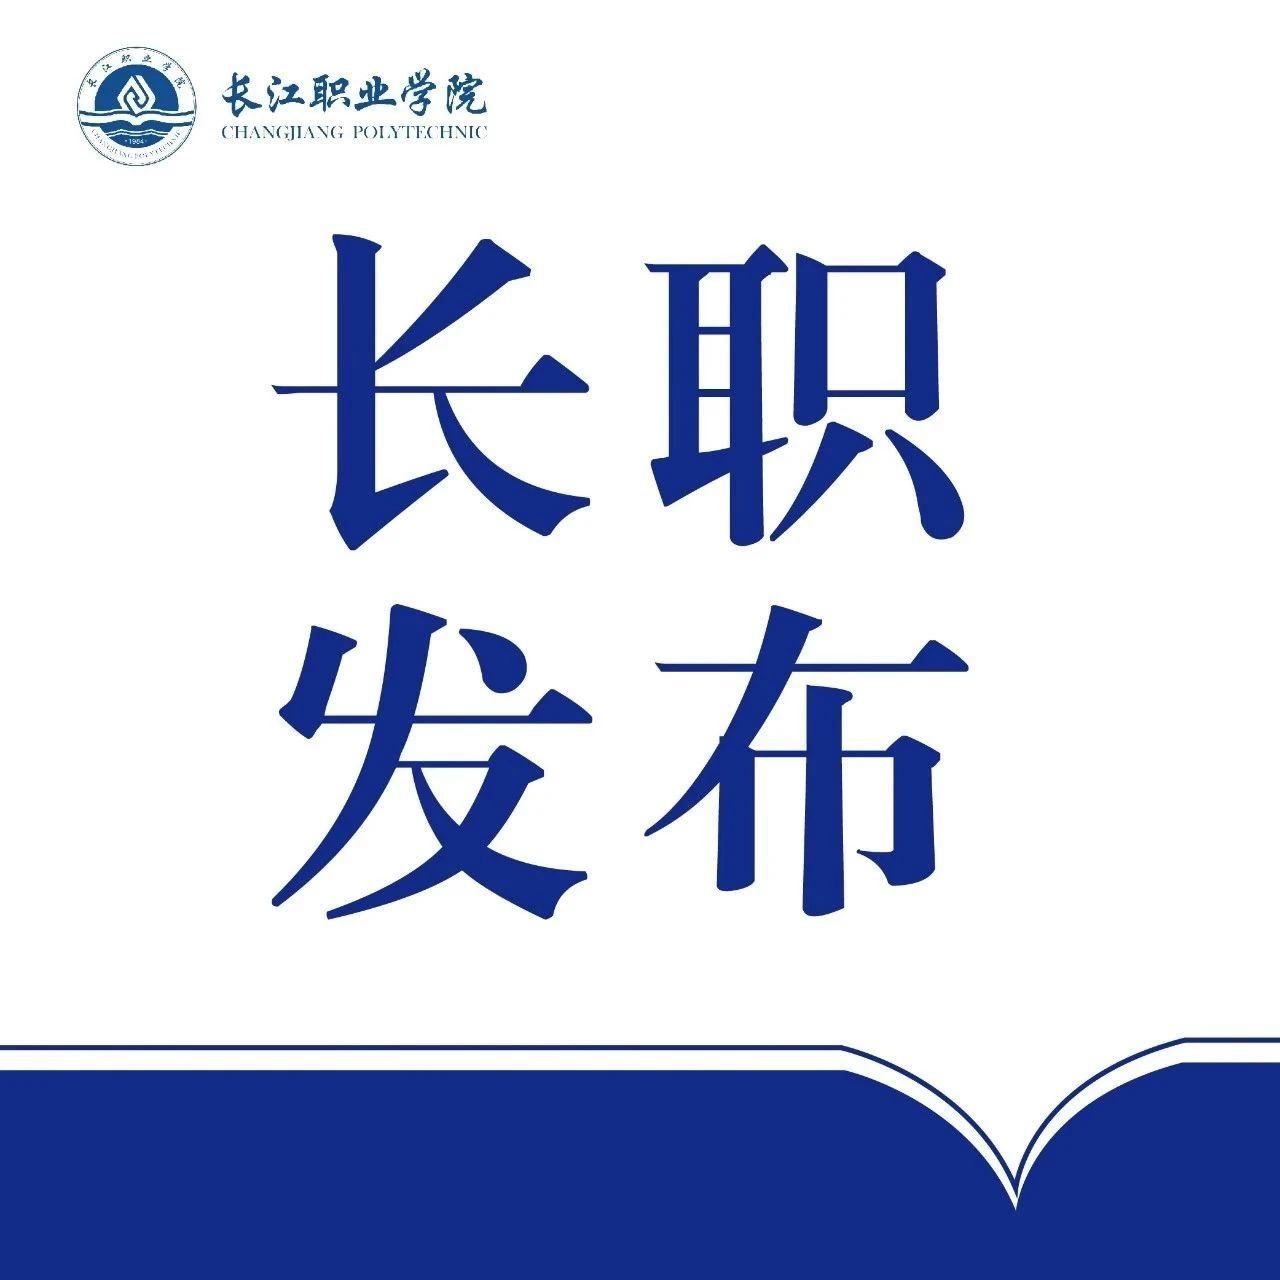 长江职院召开2020届毕业生就业工作网络推进会